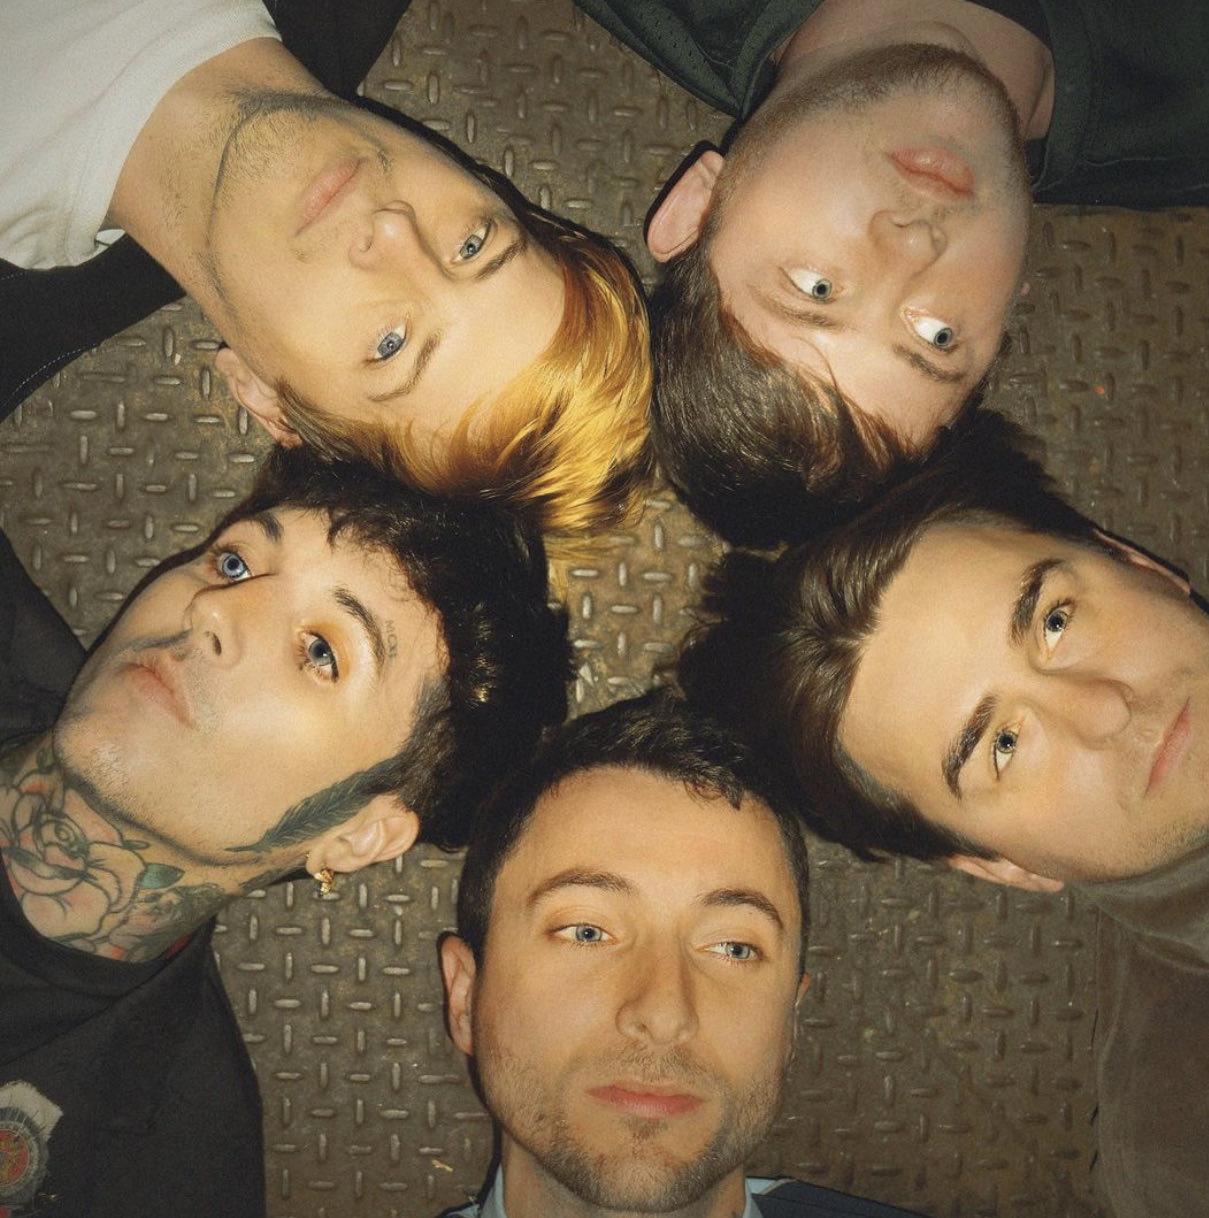 Matt kean with his band members